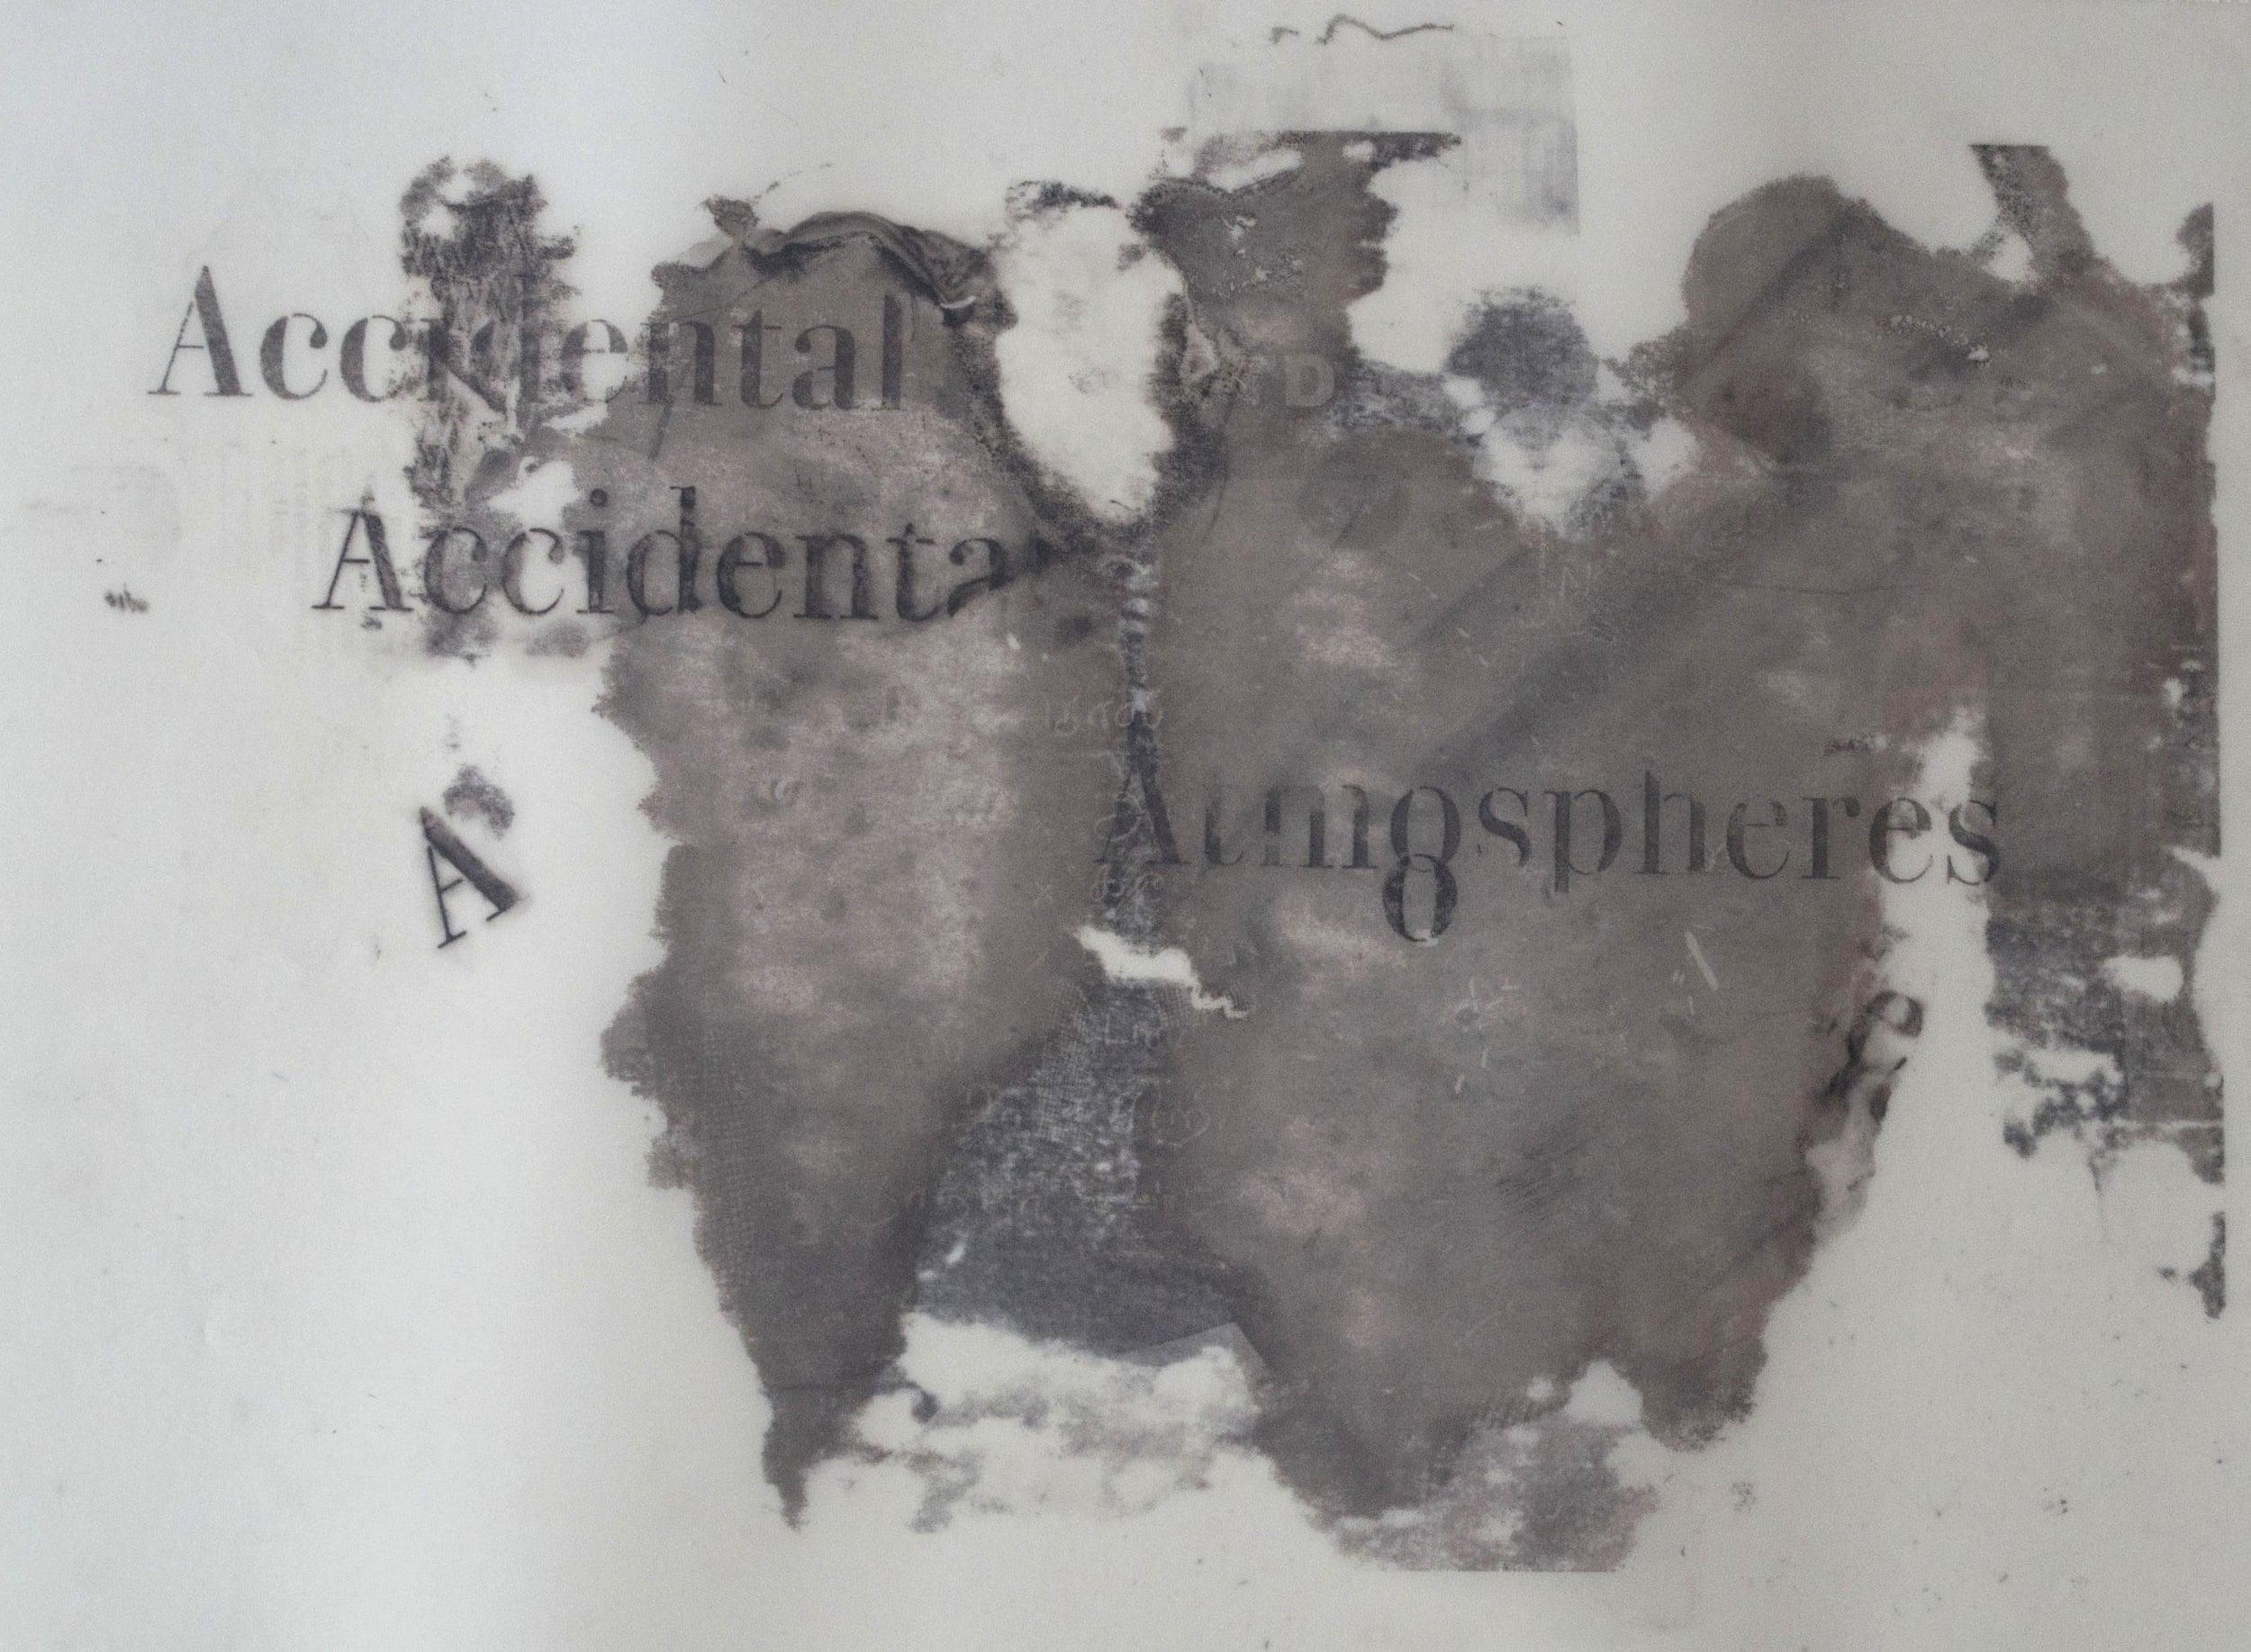 Accidental Atmospheres